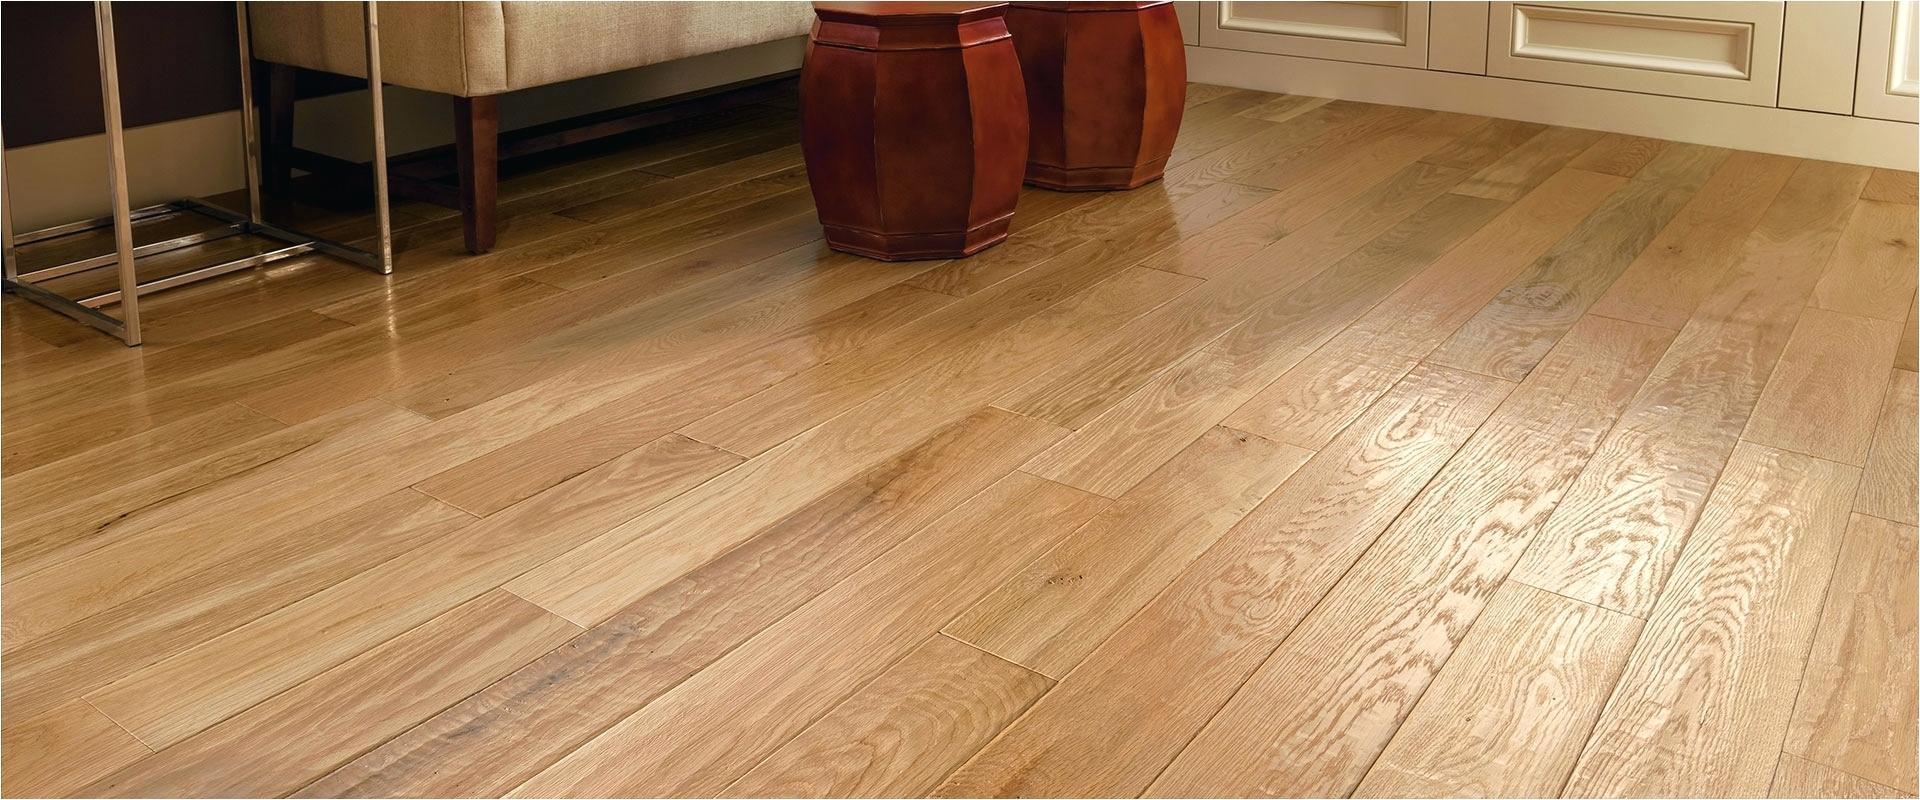 laminate hardwood wood flooring installation lowes